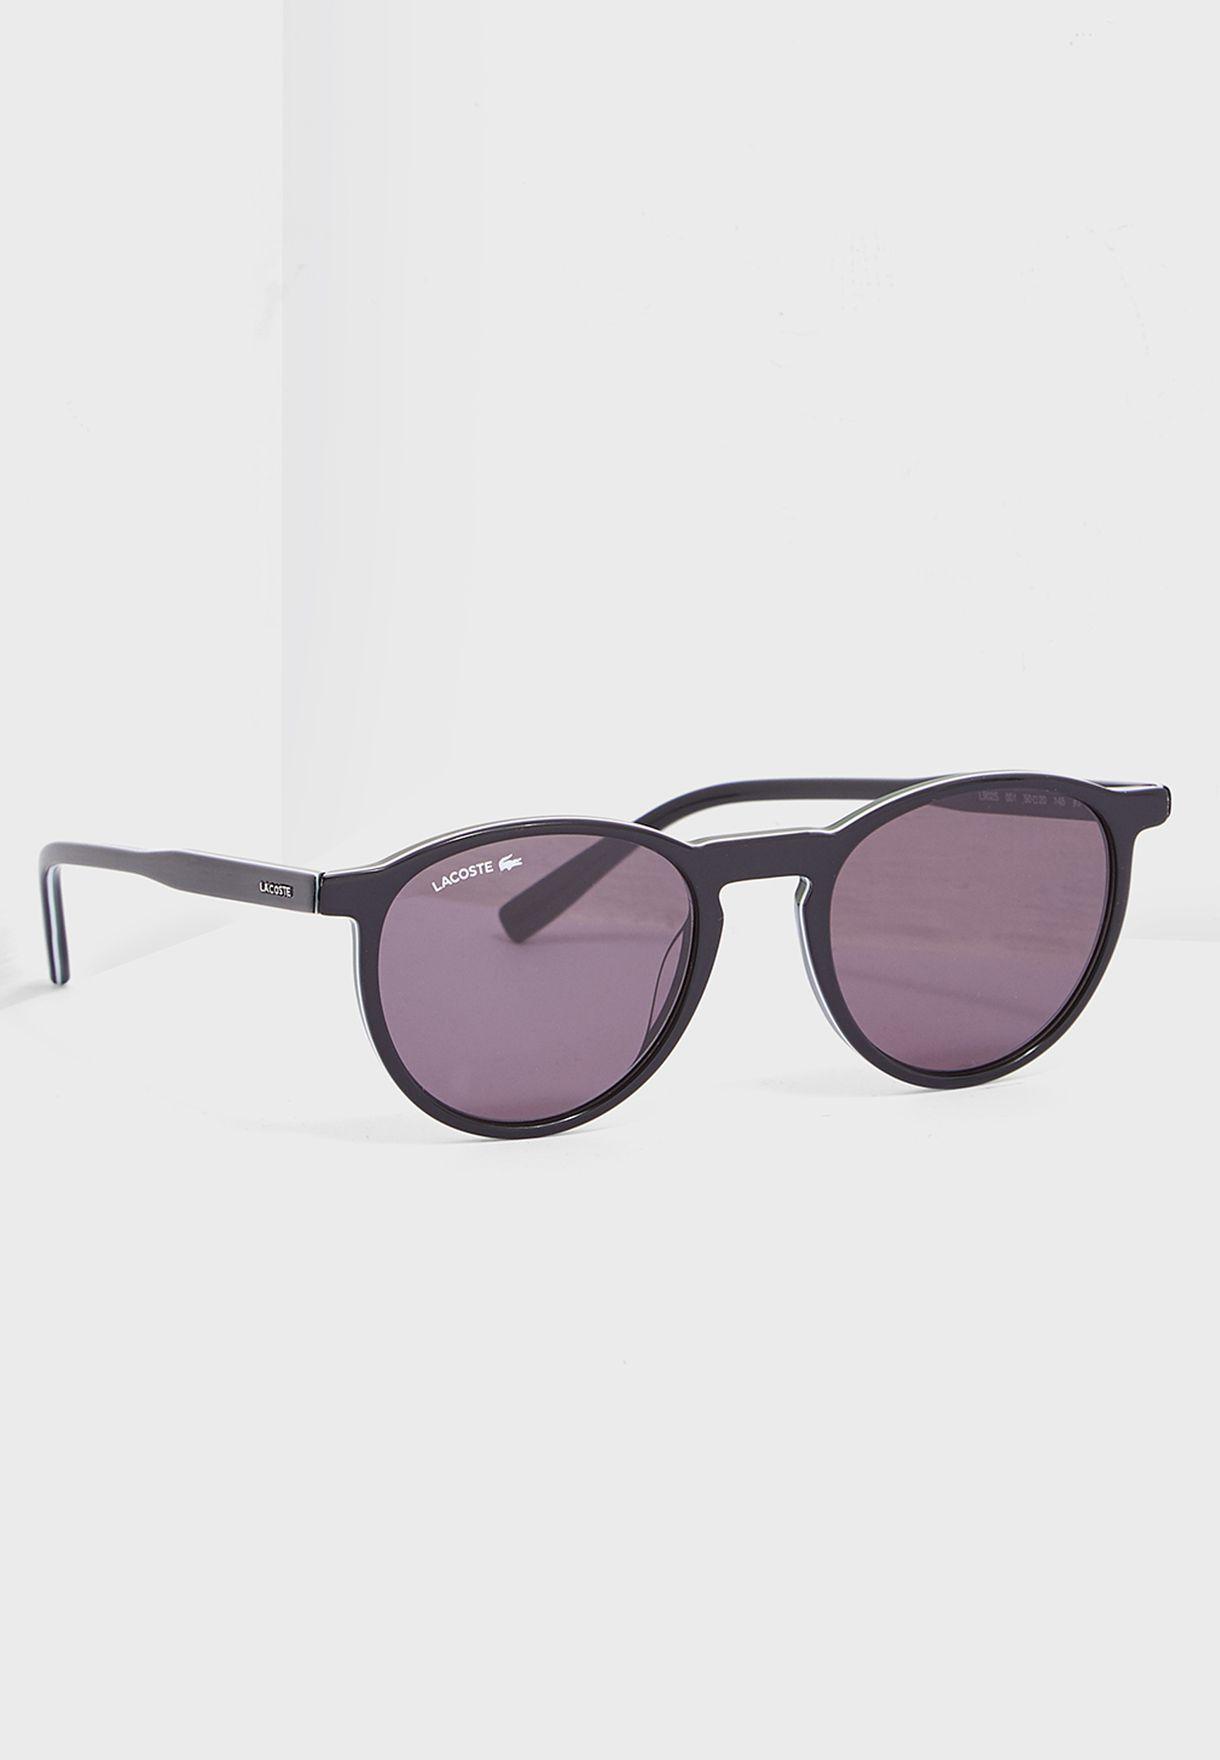 نظارة شمسية دائرية وبحماية كاملة من اشعة الشمس